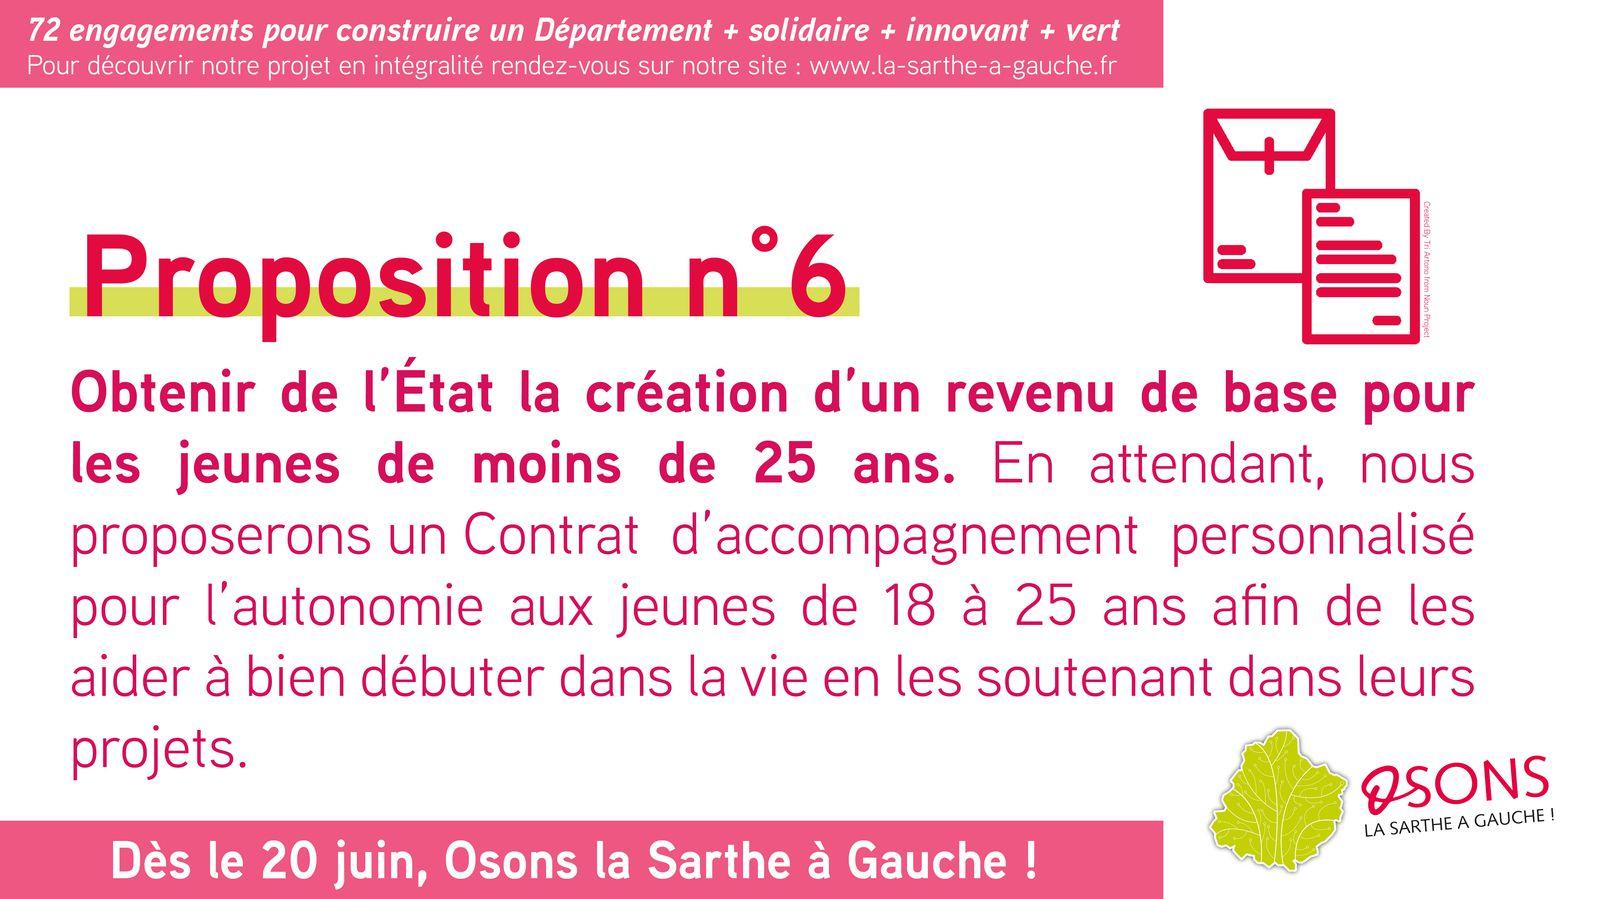 12 grandes propositions pour la Sarthe : notre engagement n°6